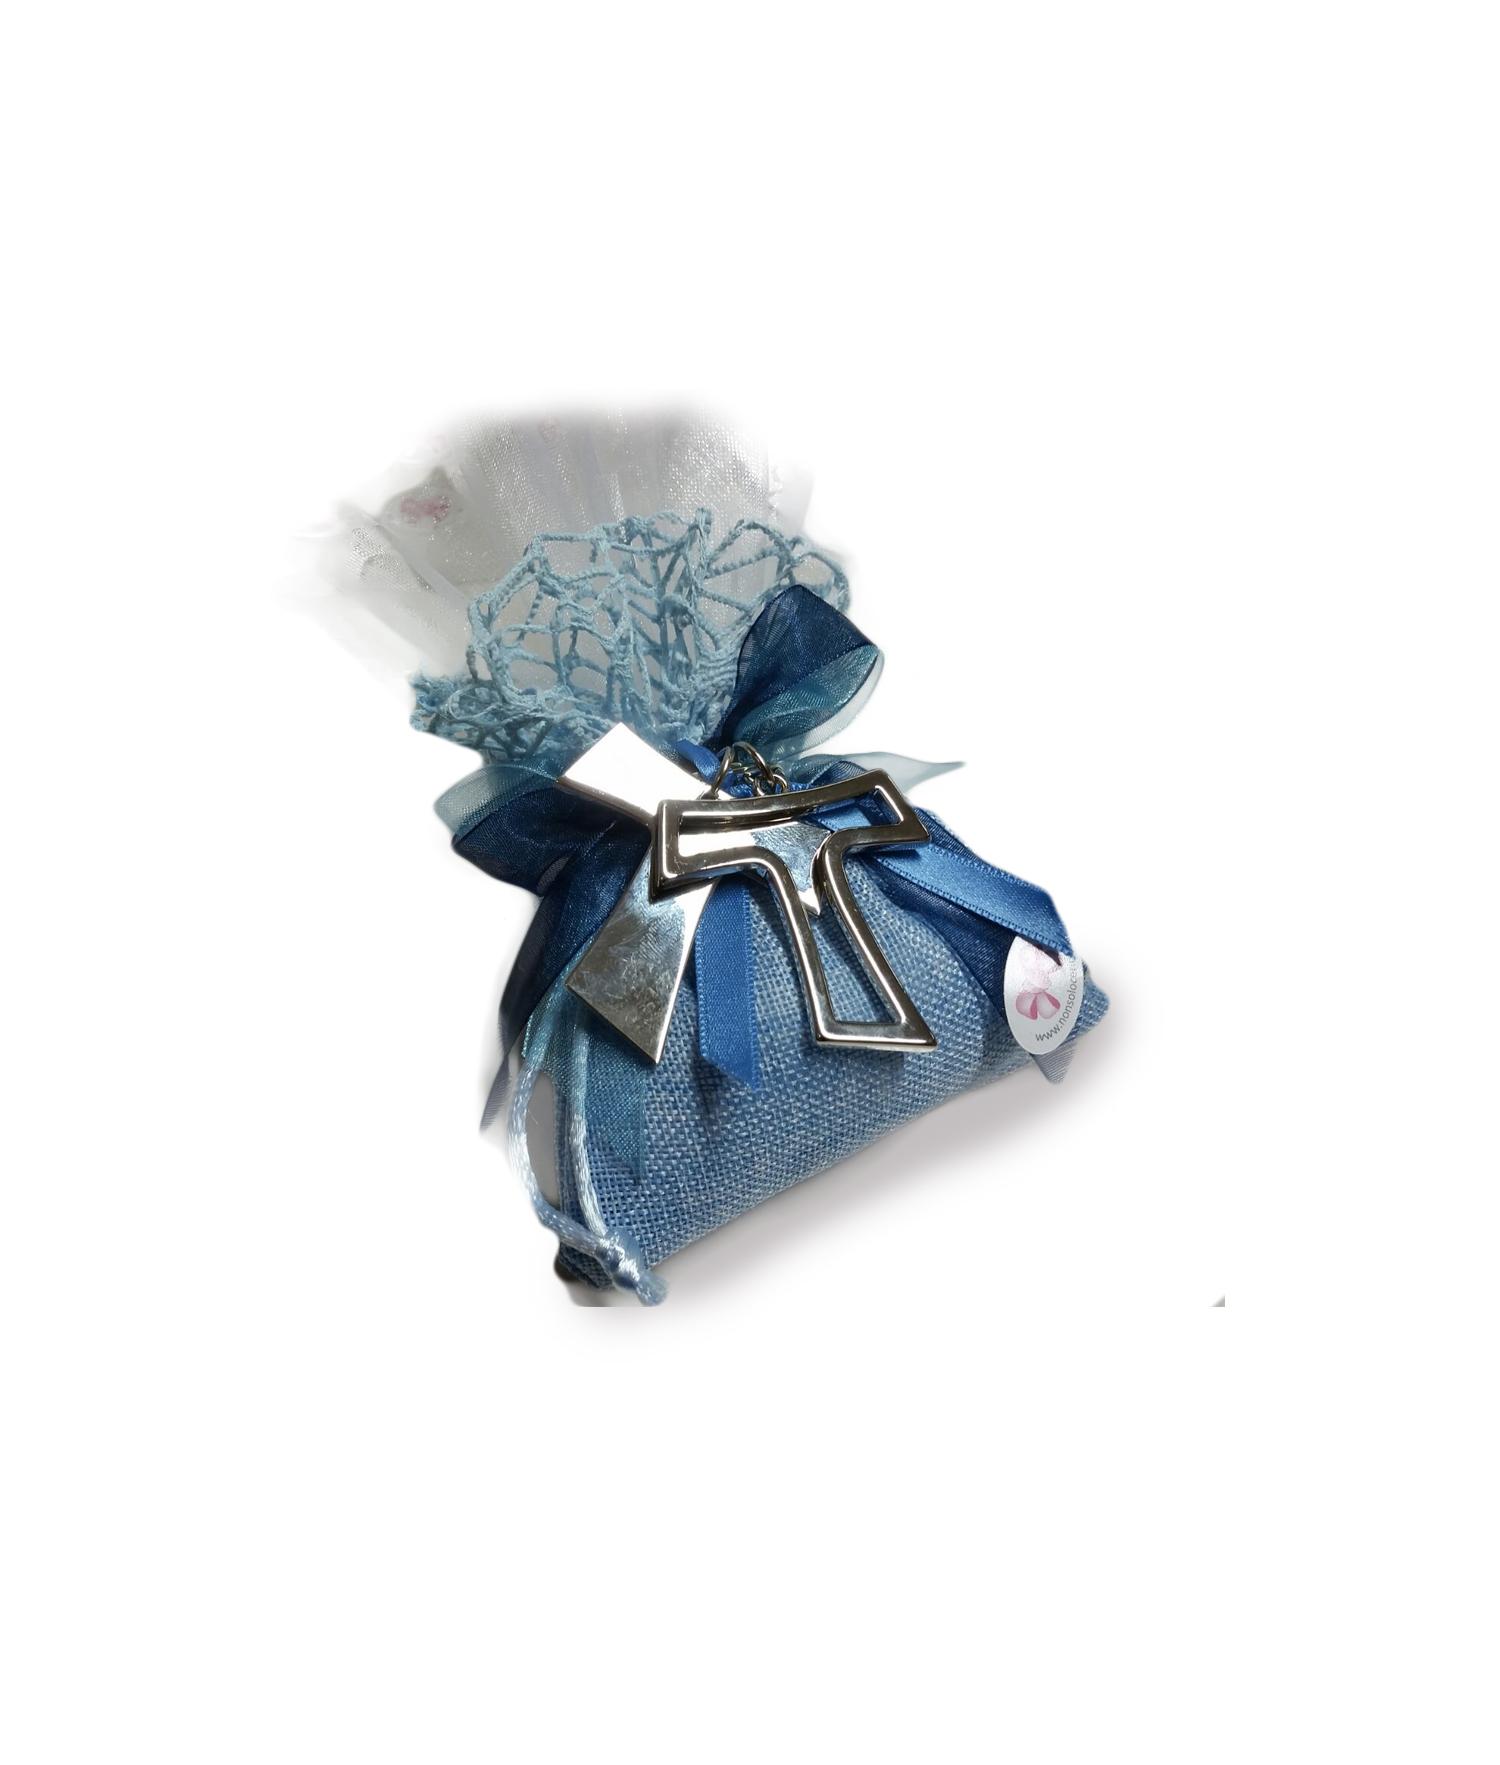 Bomboniera Matrimonio Azzurro : Bomboniera portachiavi acciaio corallo nonsolocerimonie.it